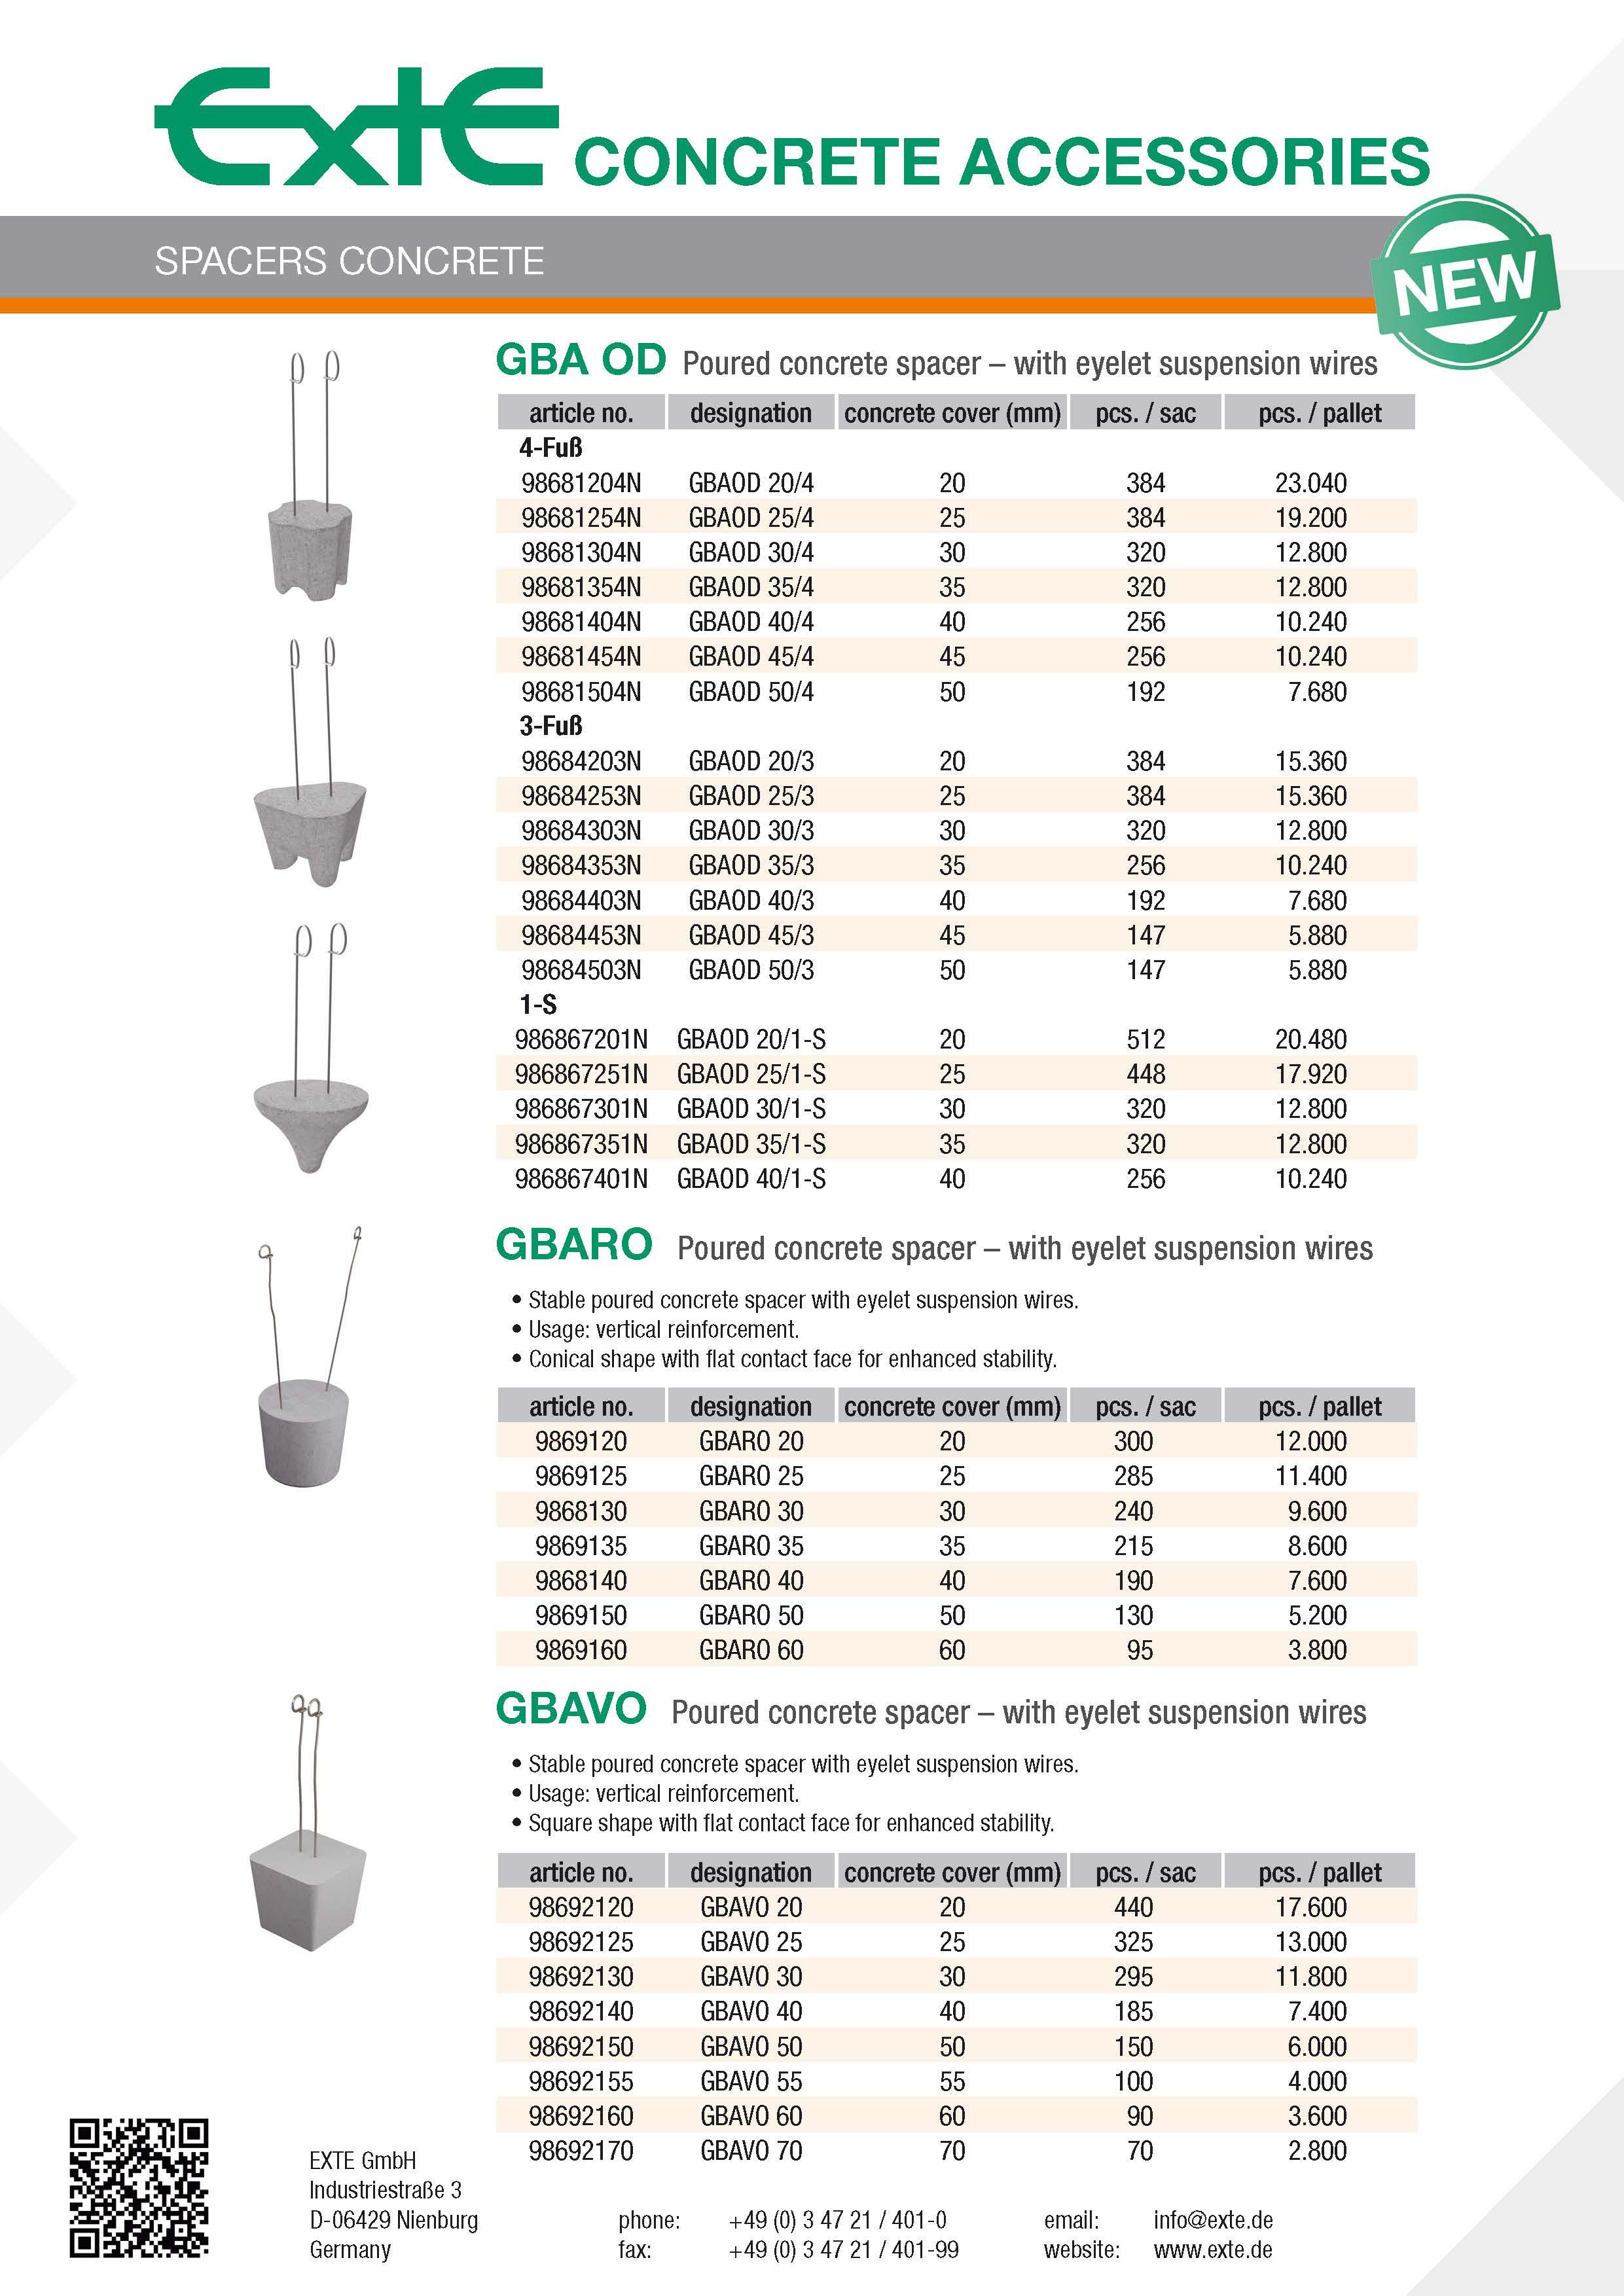 product sheet A4 - GBA OD - en